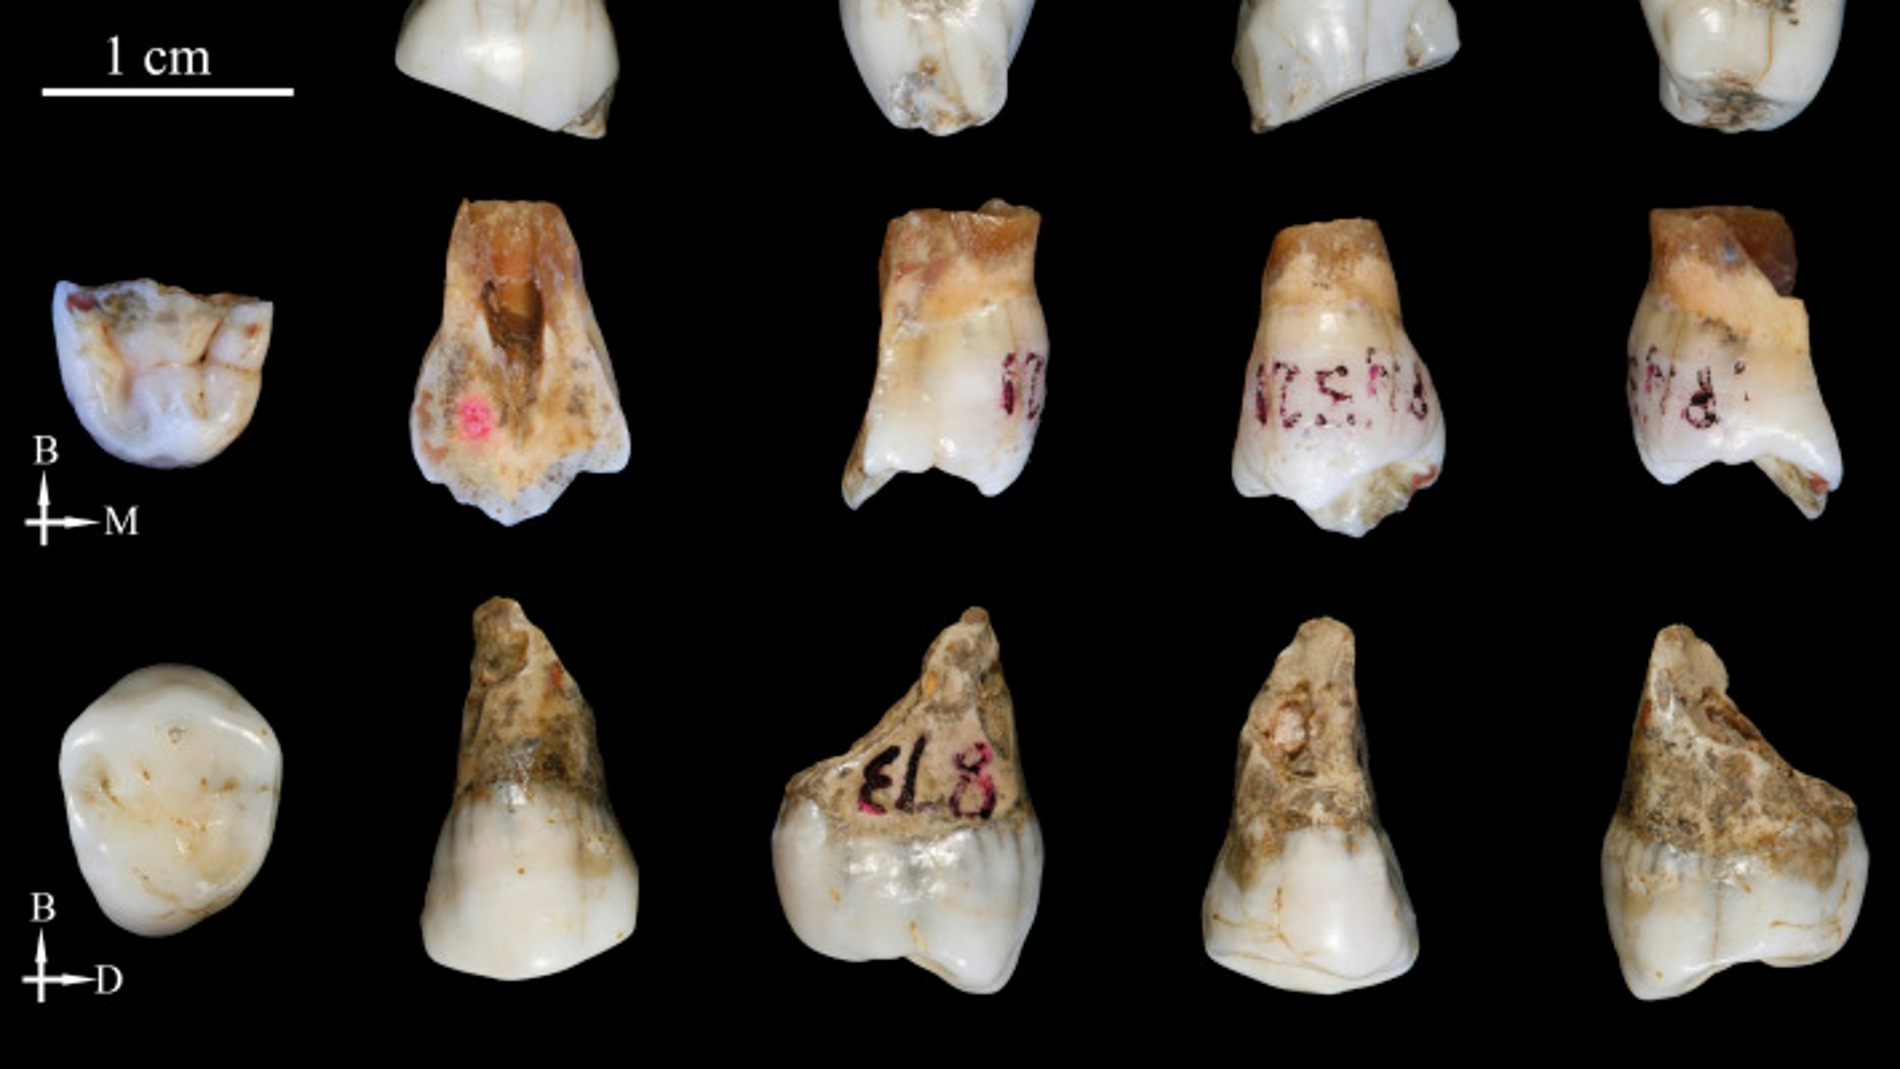 Los hominidos de Tongzi podrian ser un nuevo linaje humano en Asia